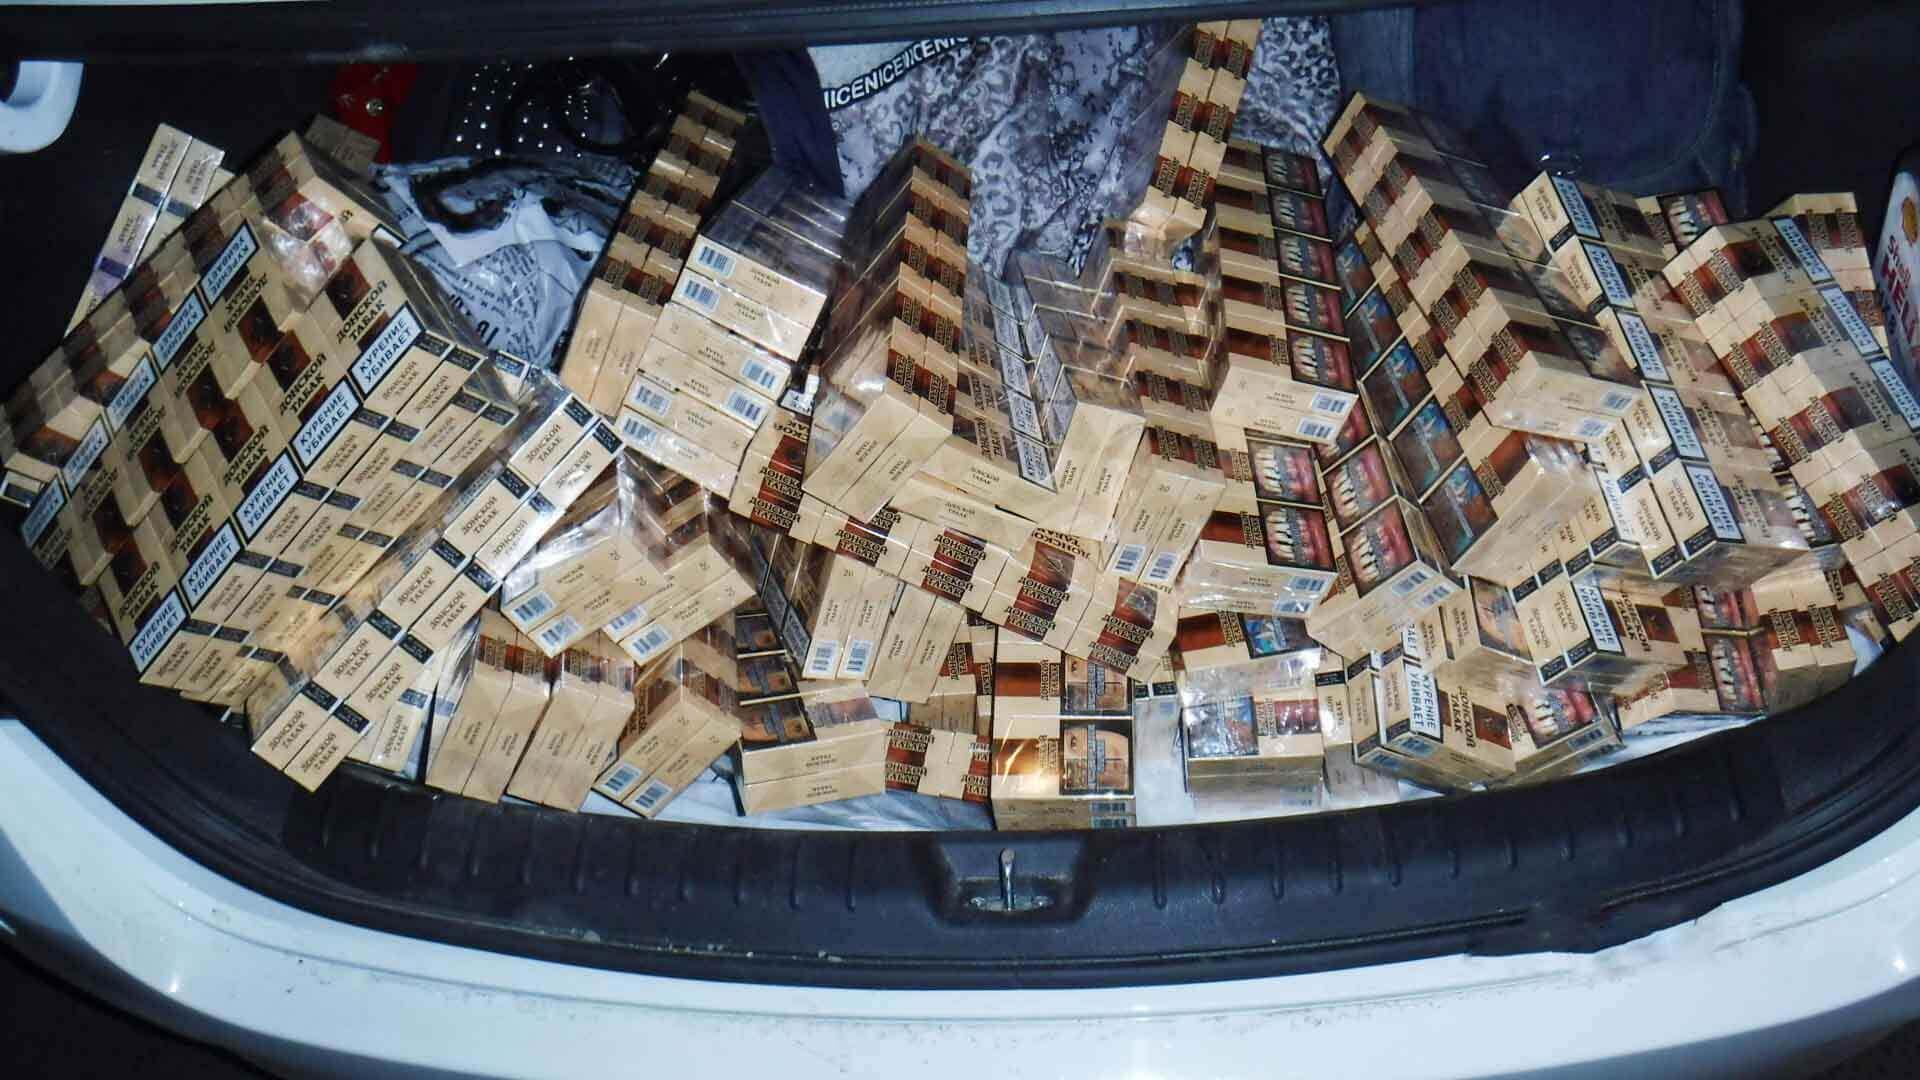 Сколько сигарет можно перевозить по России гражданину